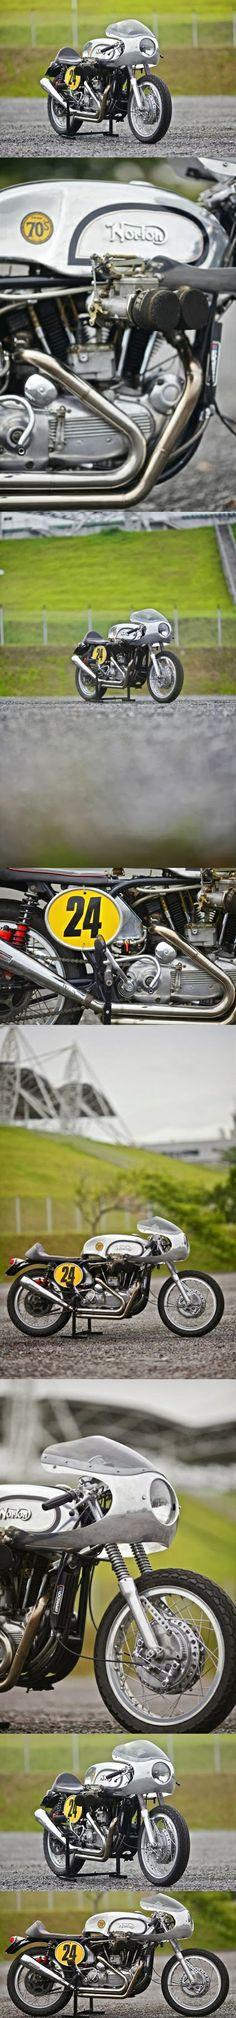 ...Sporton Norley CAFE RACER